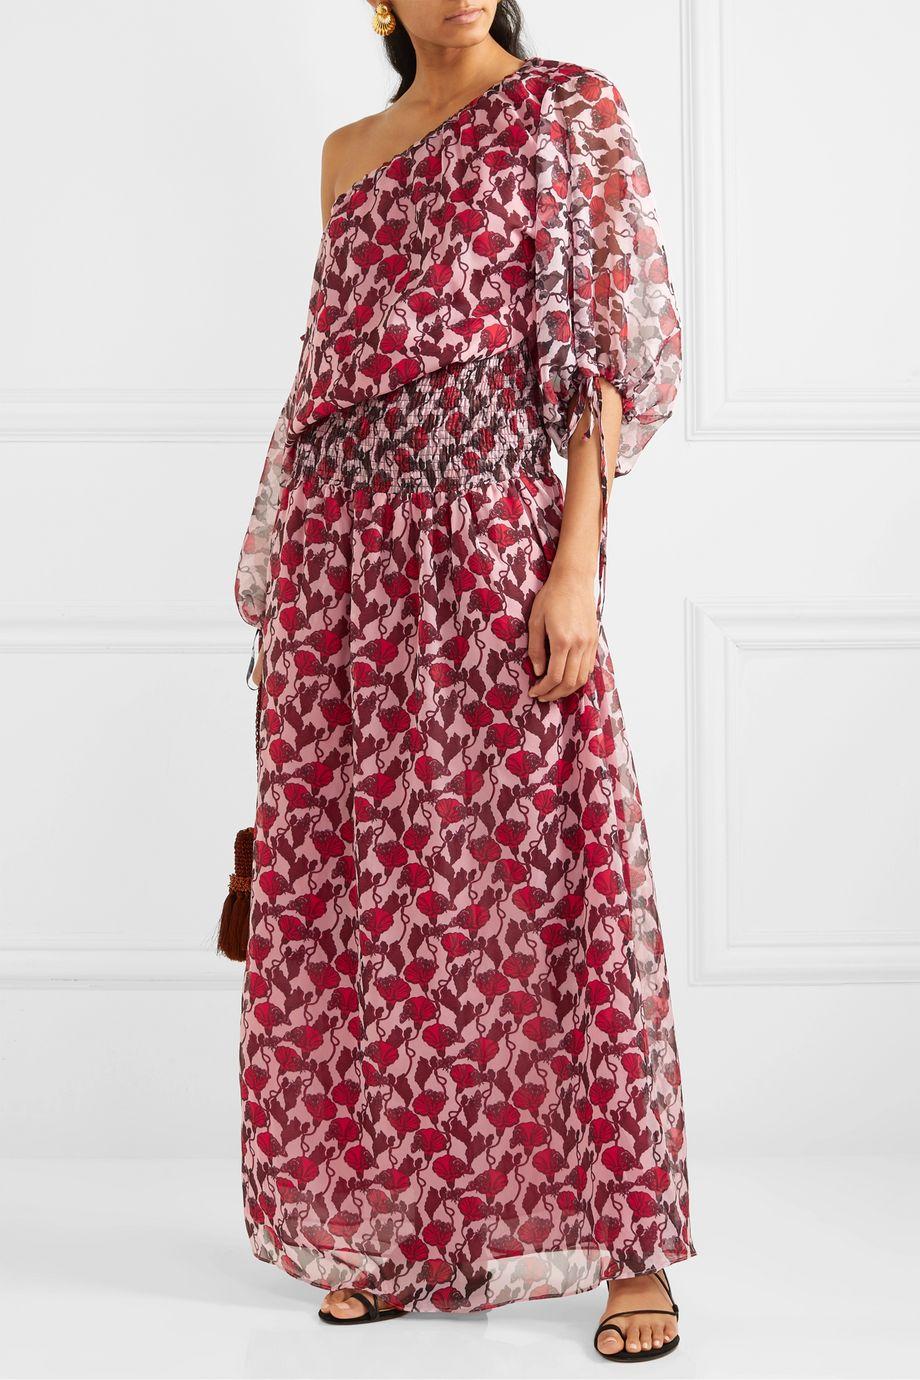 Eywasouls Malibu Evelyn shirred floral-print chiffon maxi dress